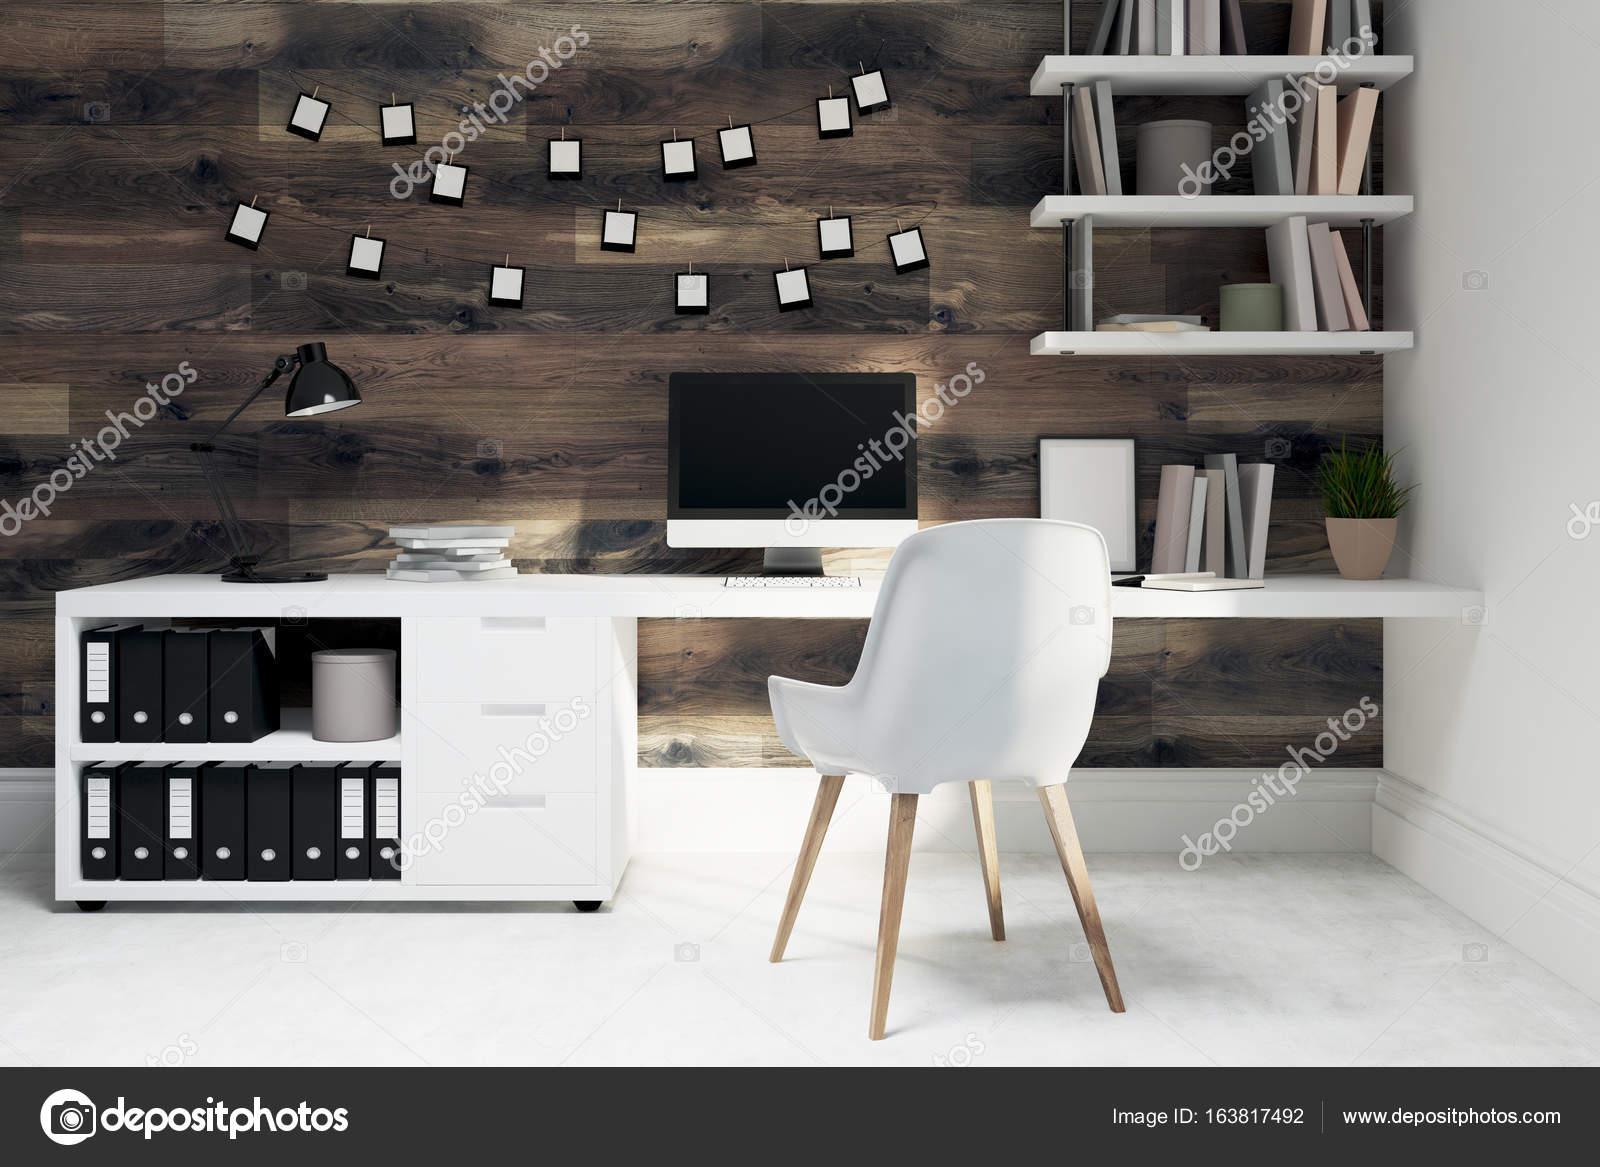 Chaise de bureau maison en bois foncé blanc u photographie